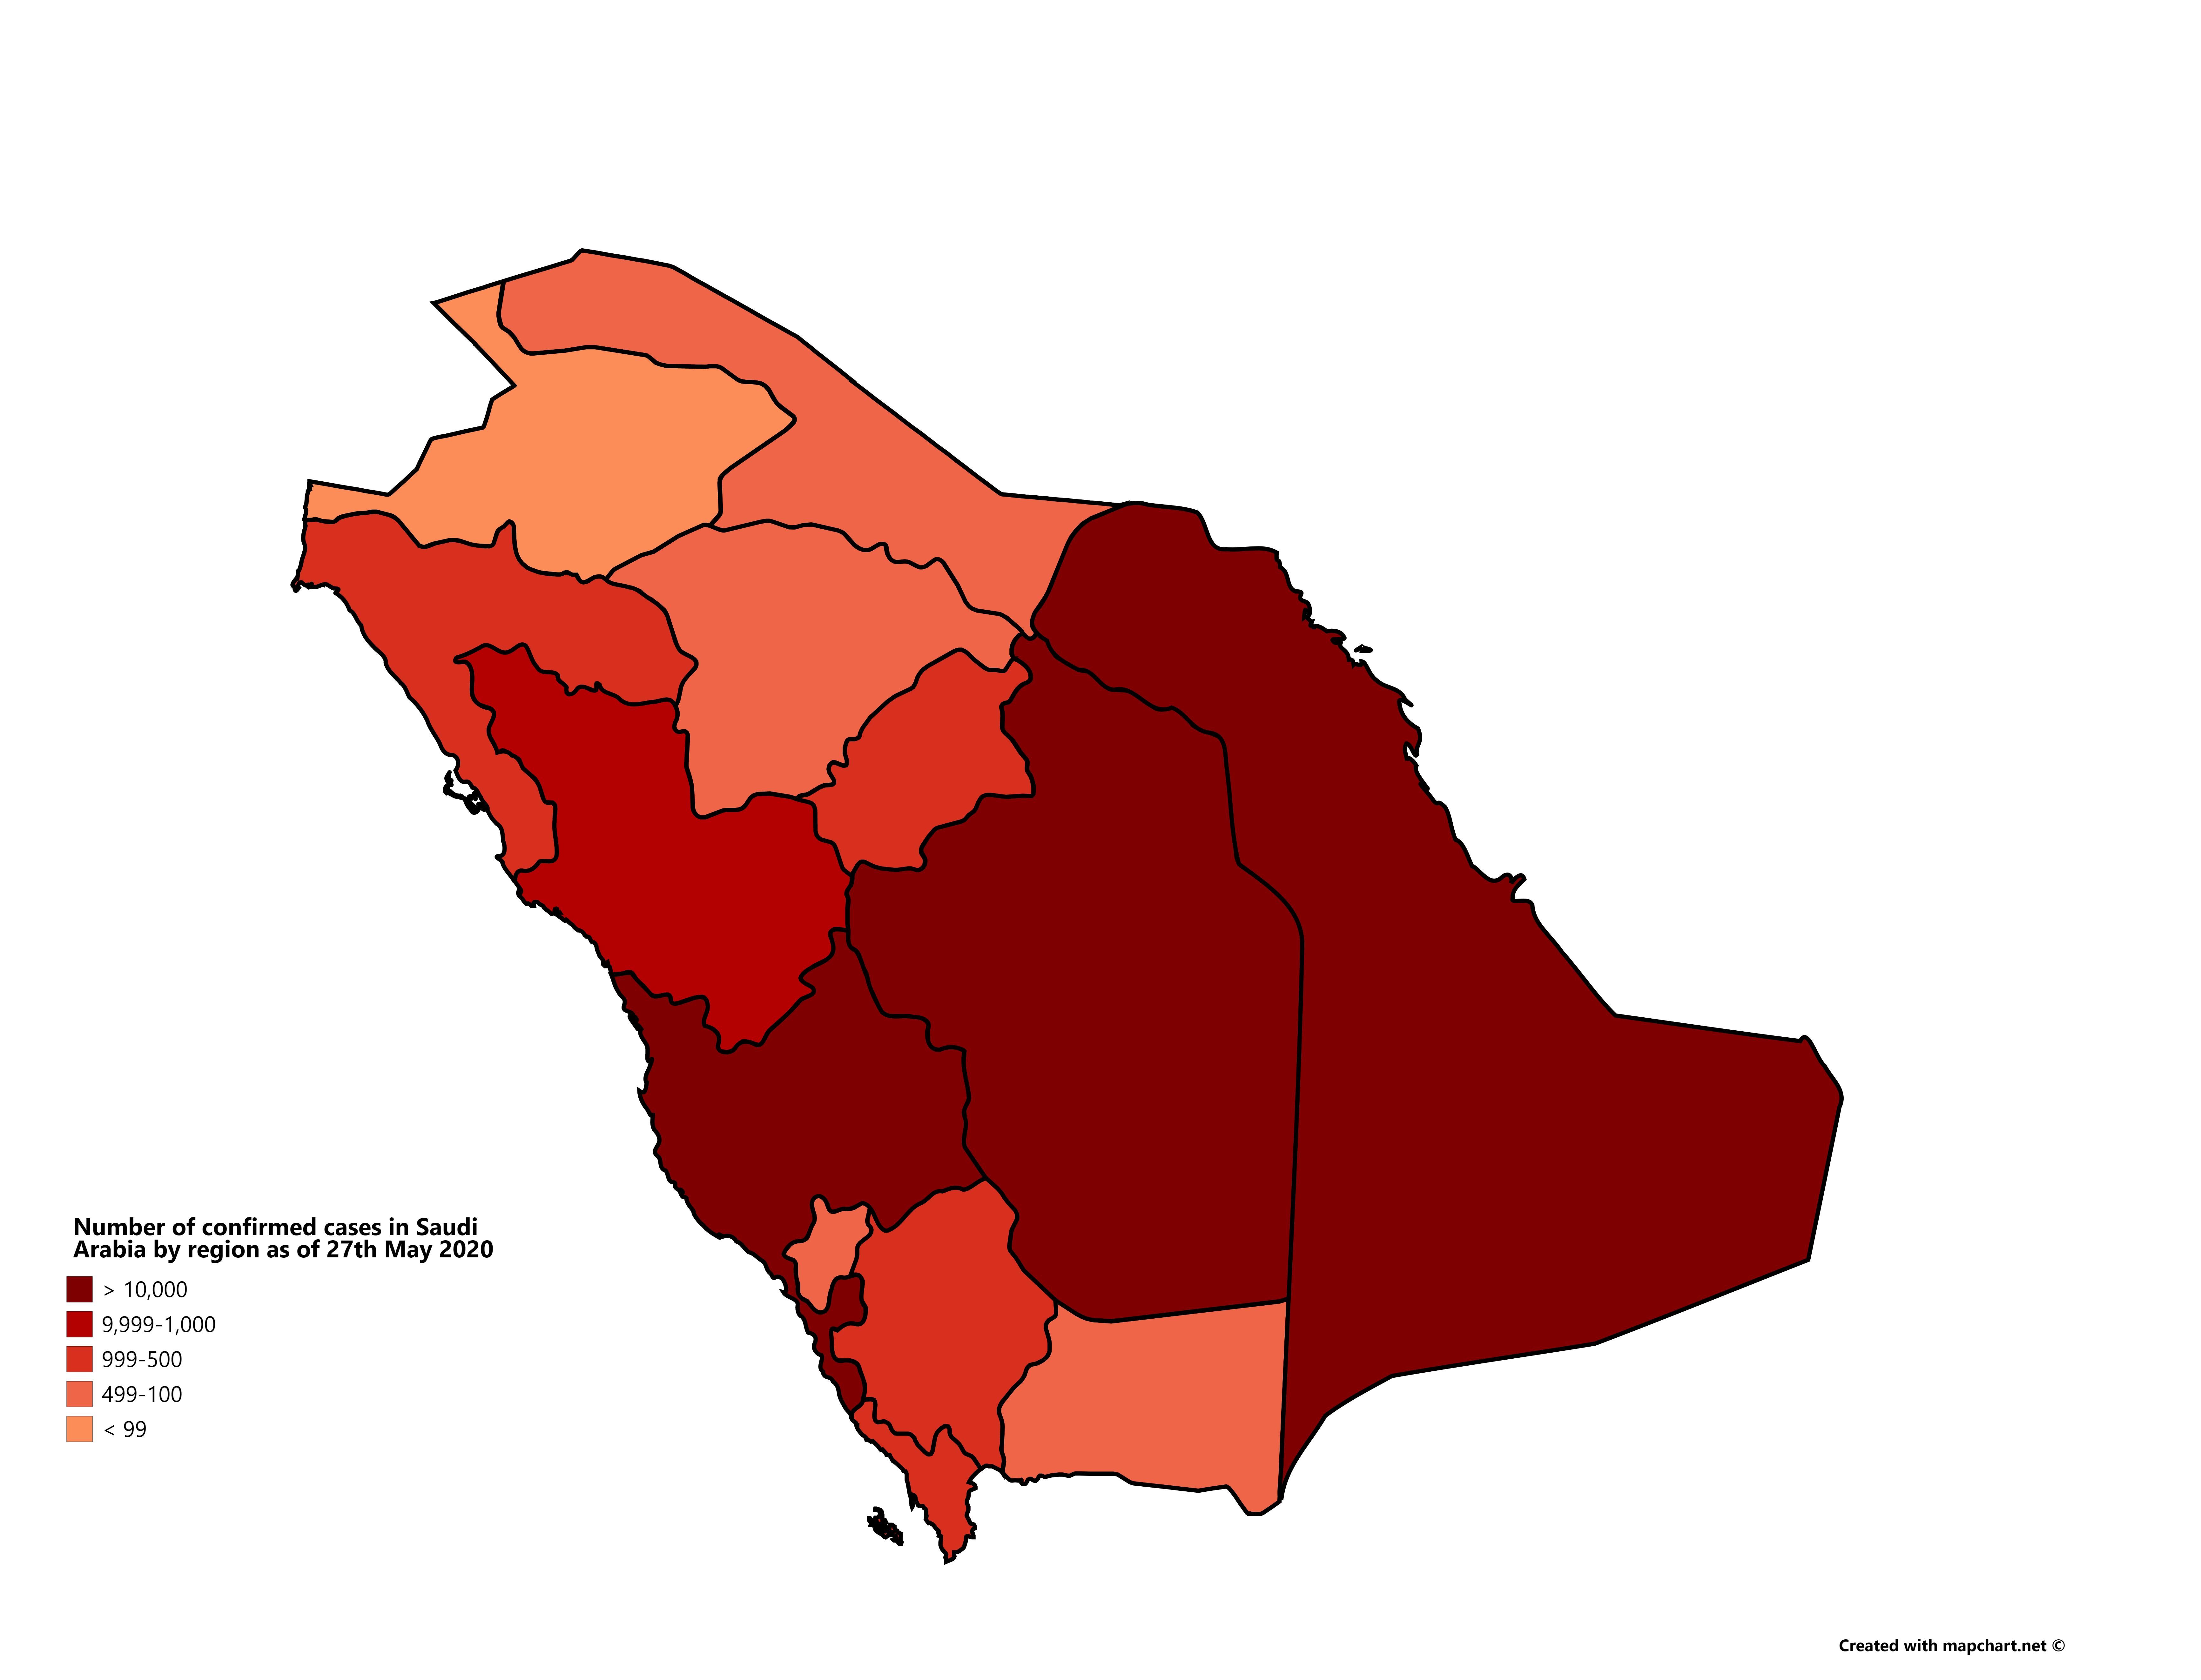 الحالات في السعودية اليوم